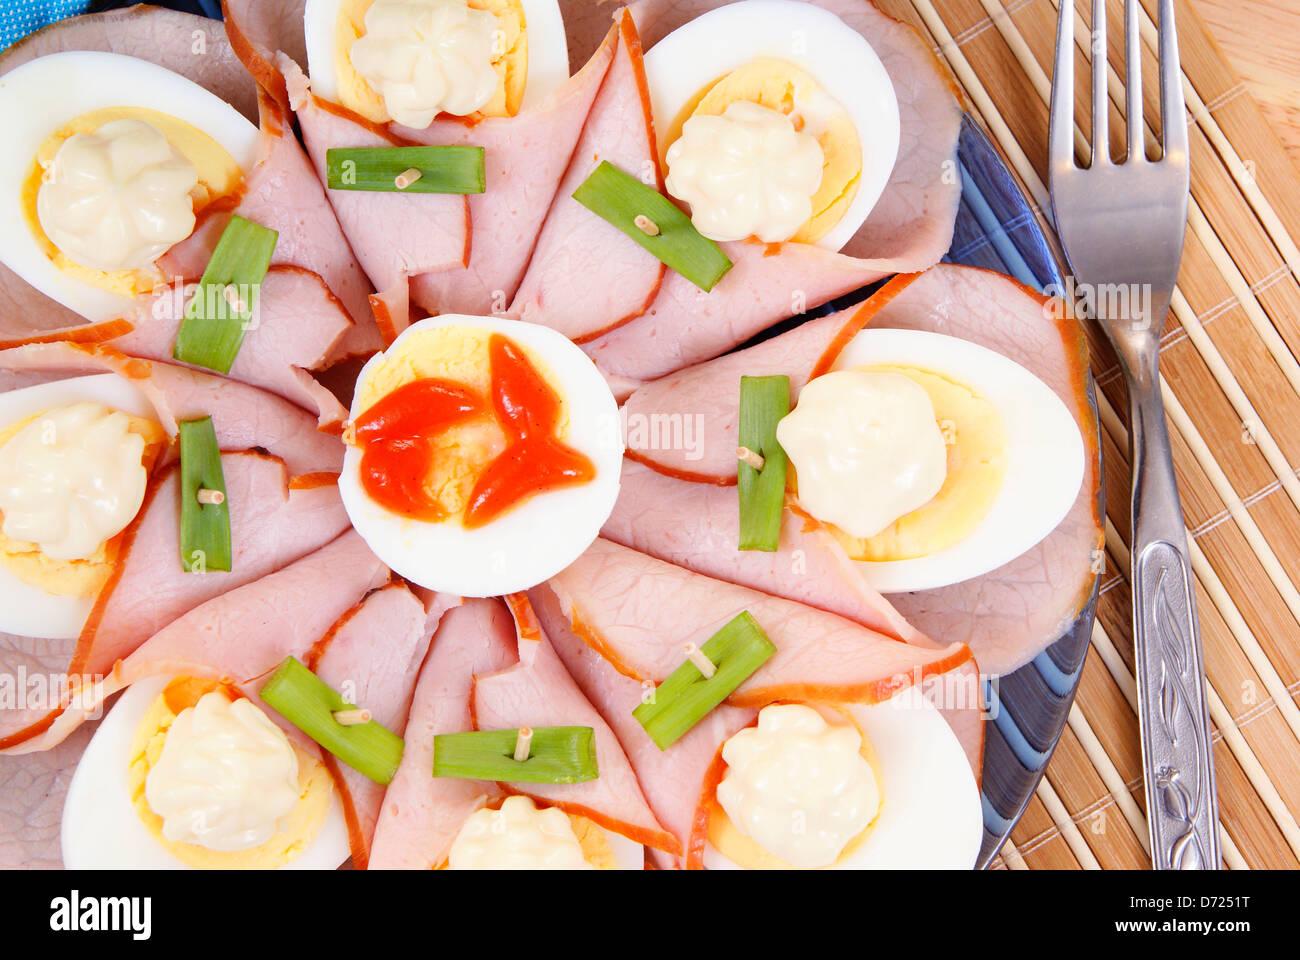 Halfes d'œufs au jambon en arrière-plan Photo Stock